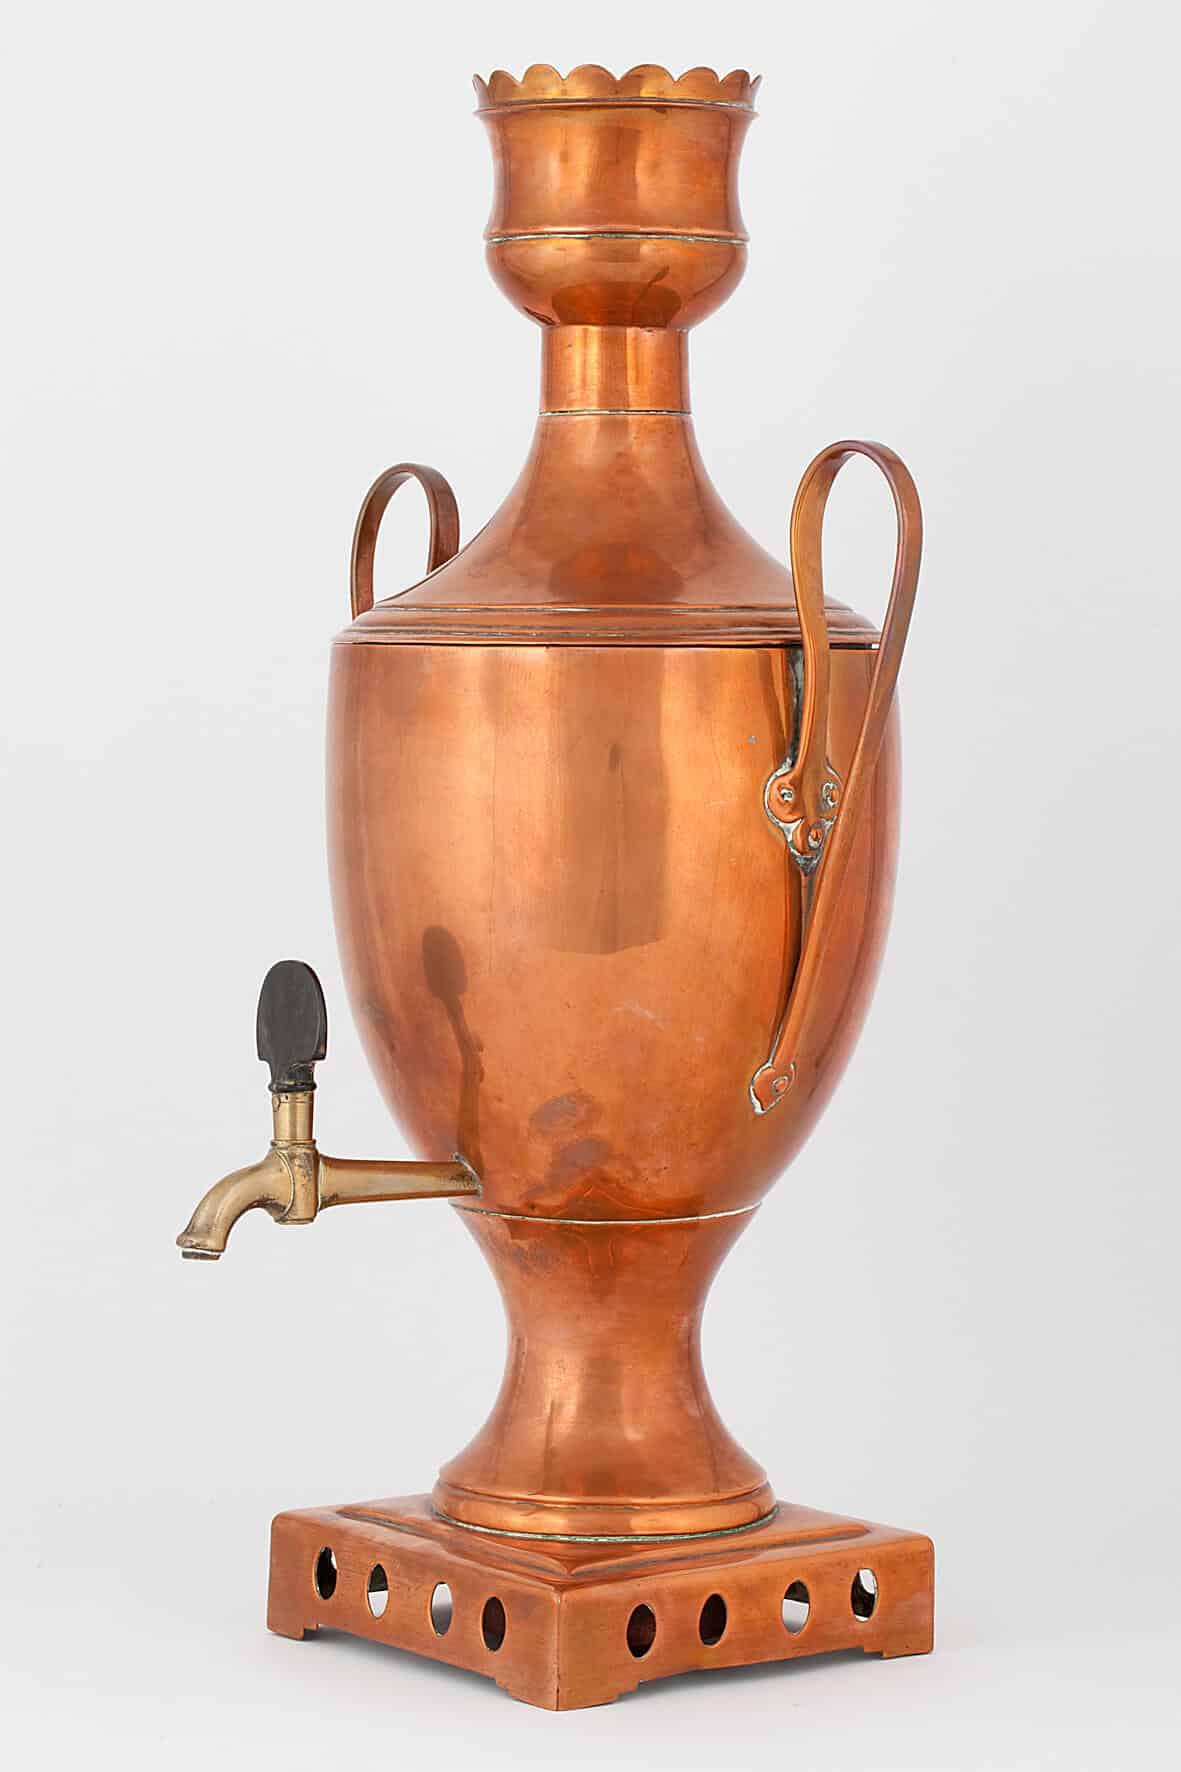 КБ 419   Самовар-ваза в классическом стиле   Музей самоваров и бульоток